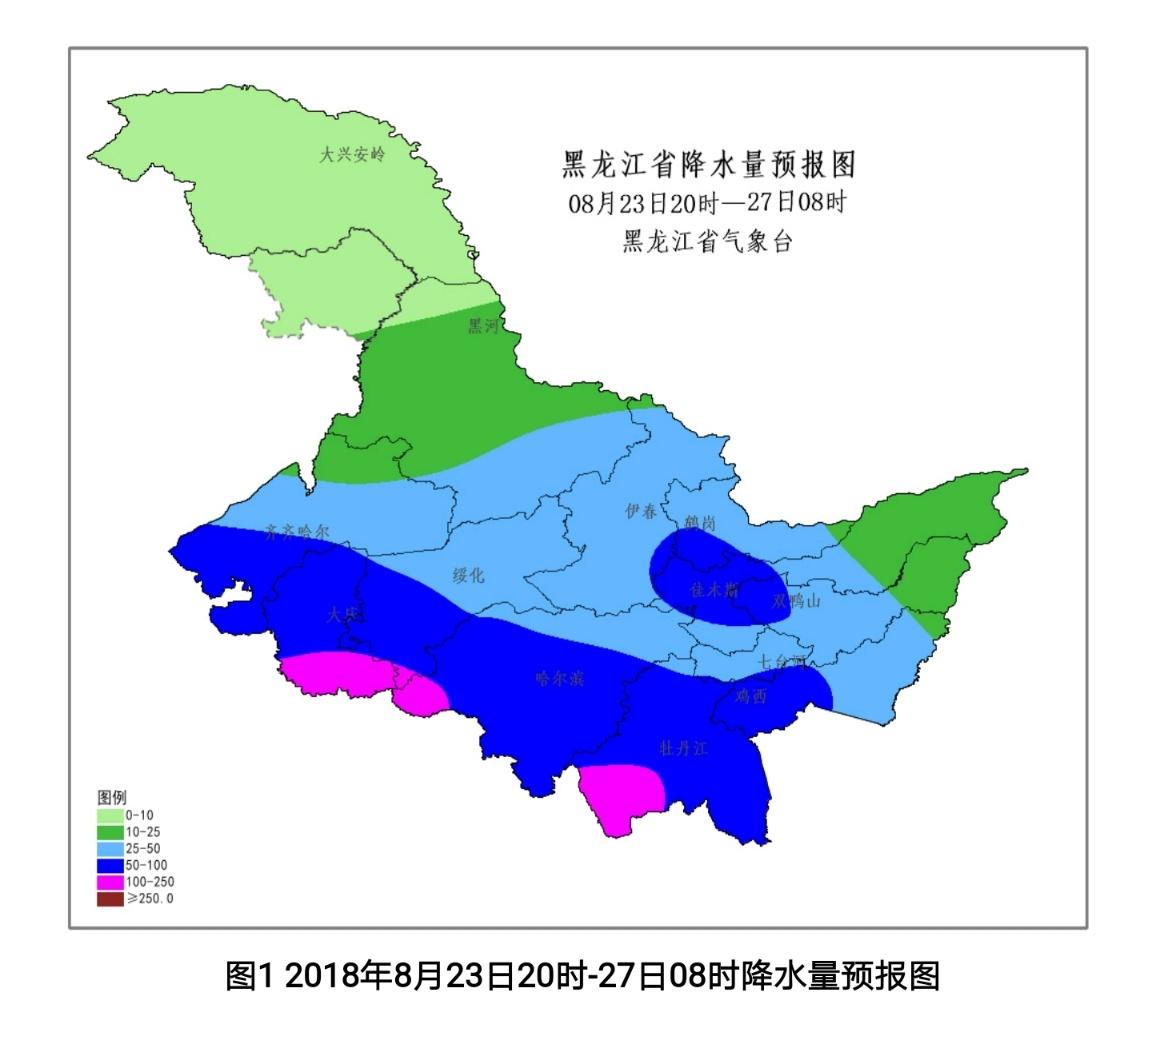 查黑龙江鹤岗地图